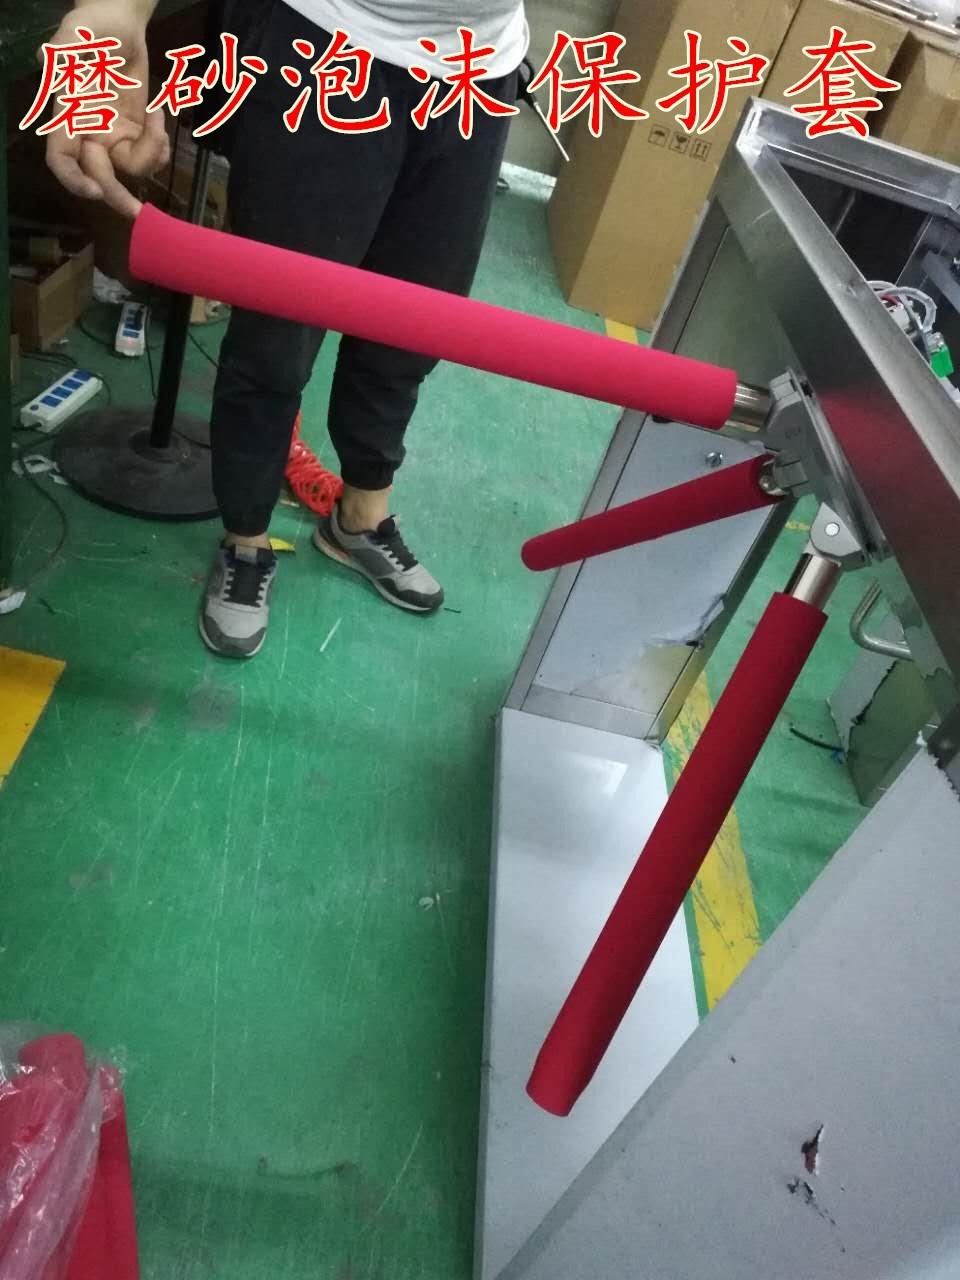 闸机三辊闸杆套防撞海绵保护套钢管保温防冻橡胶管健身泡沫管